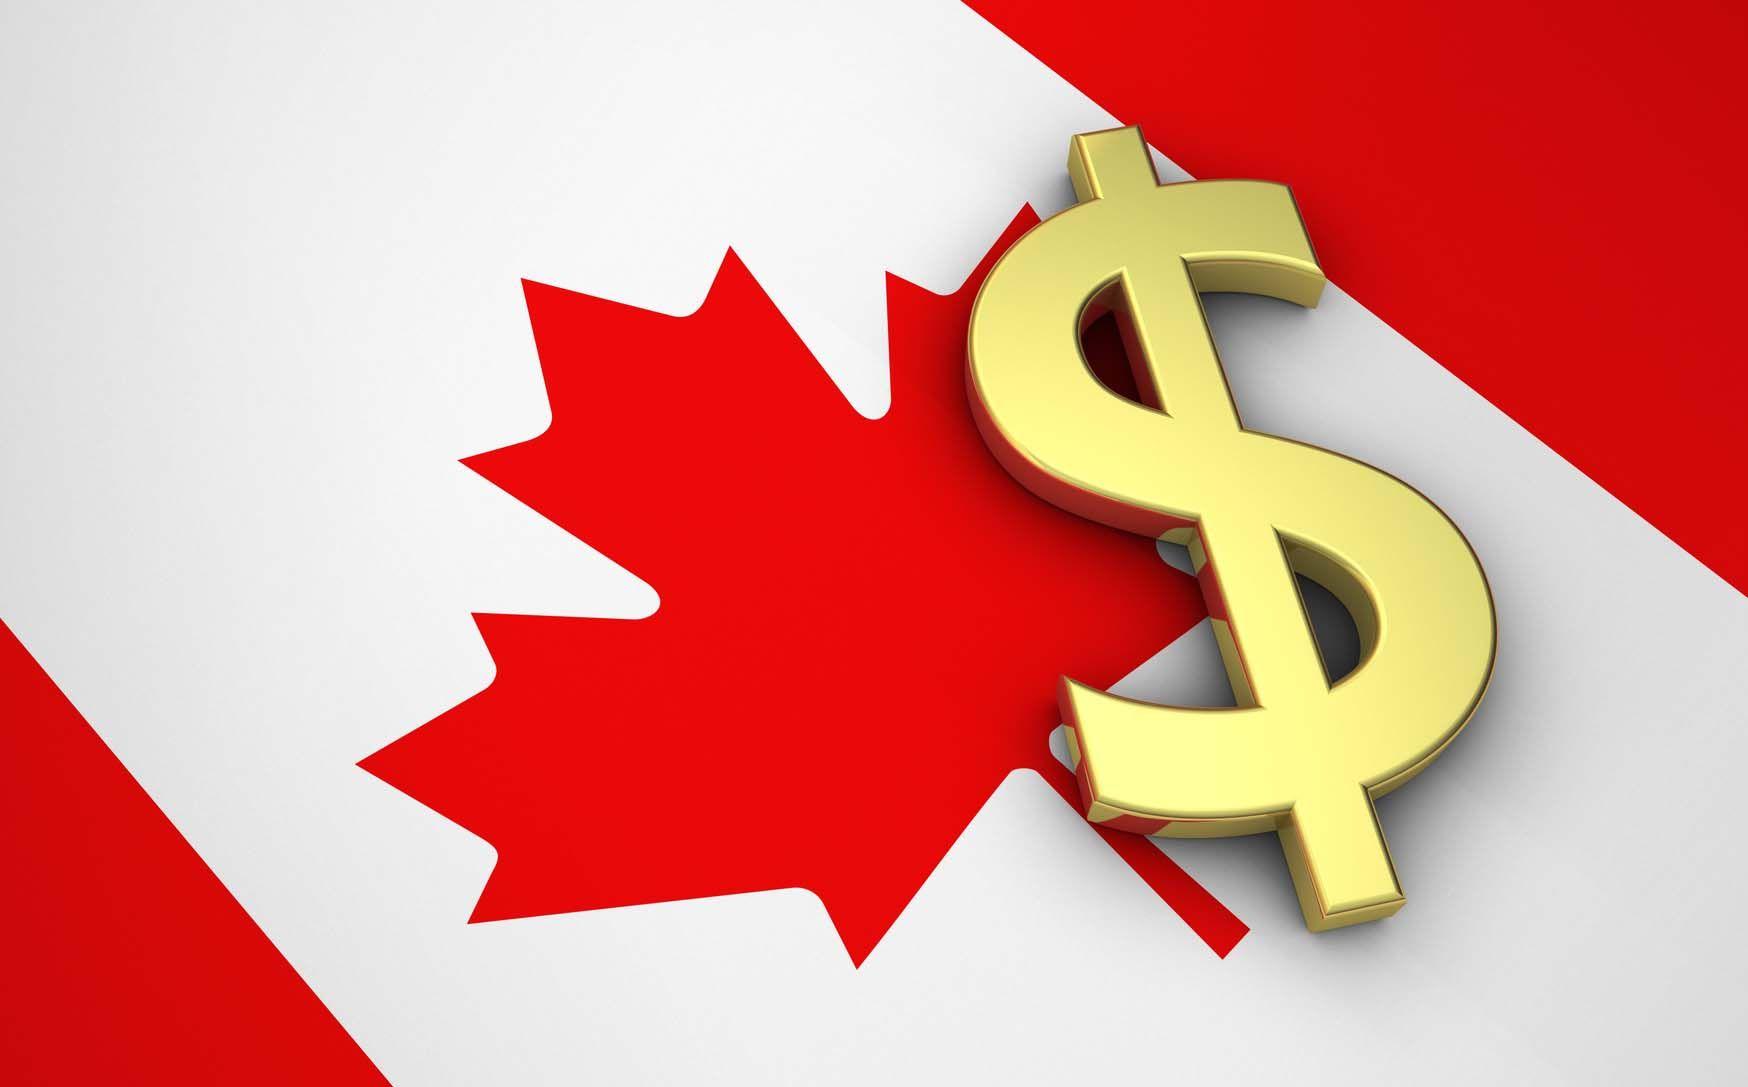 کمترین مبلغ سرمایه گذاری برای مهاجرت به کانادا